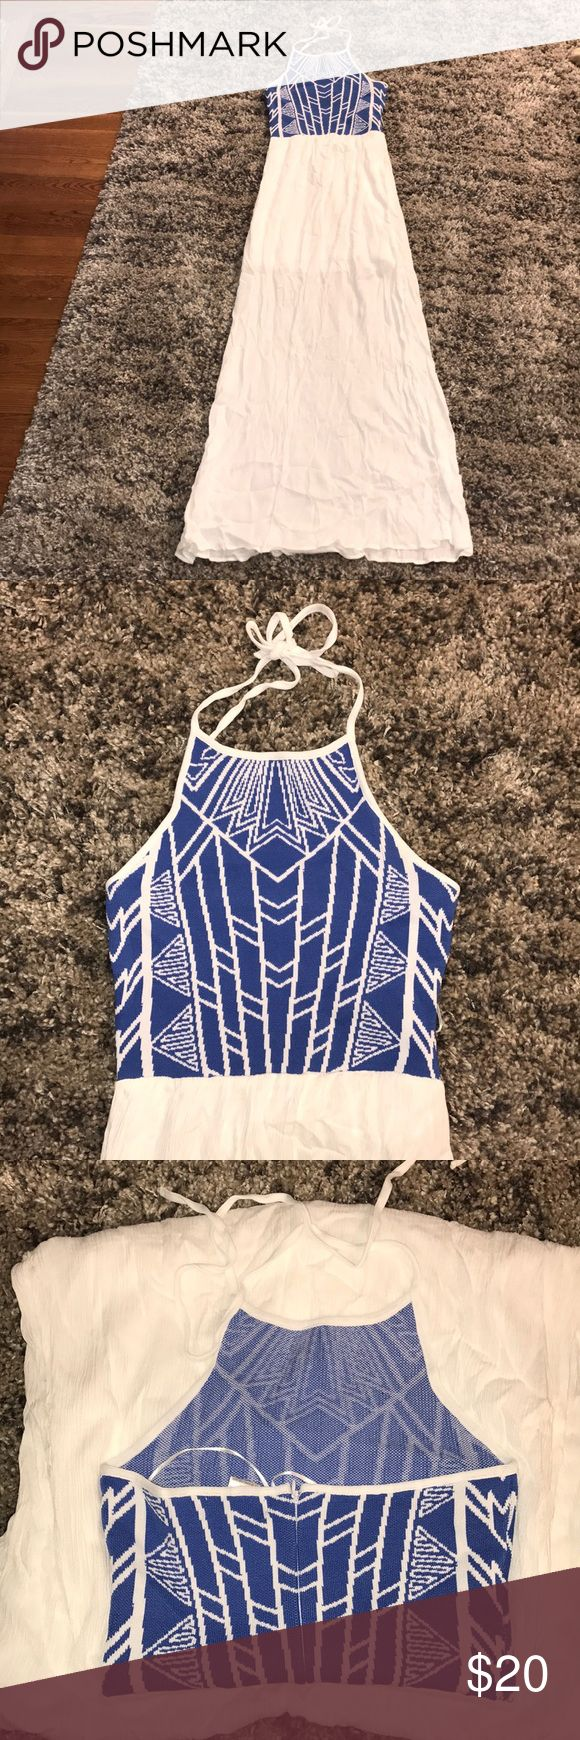 NWT blue and white Aztec maxi dress - size small Blue and white Aztec maxi dress - size small. NWT - never worn. jealous tomato Dresses Maxi